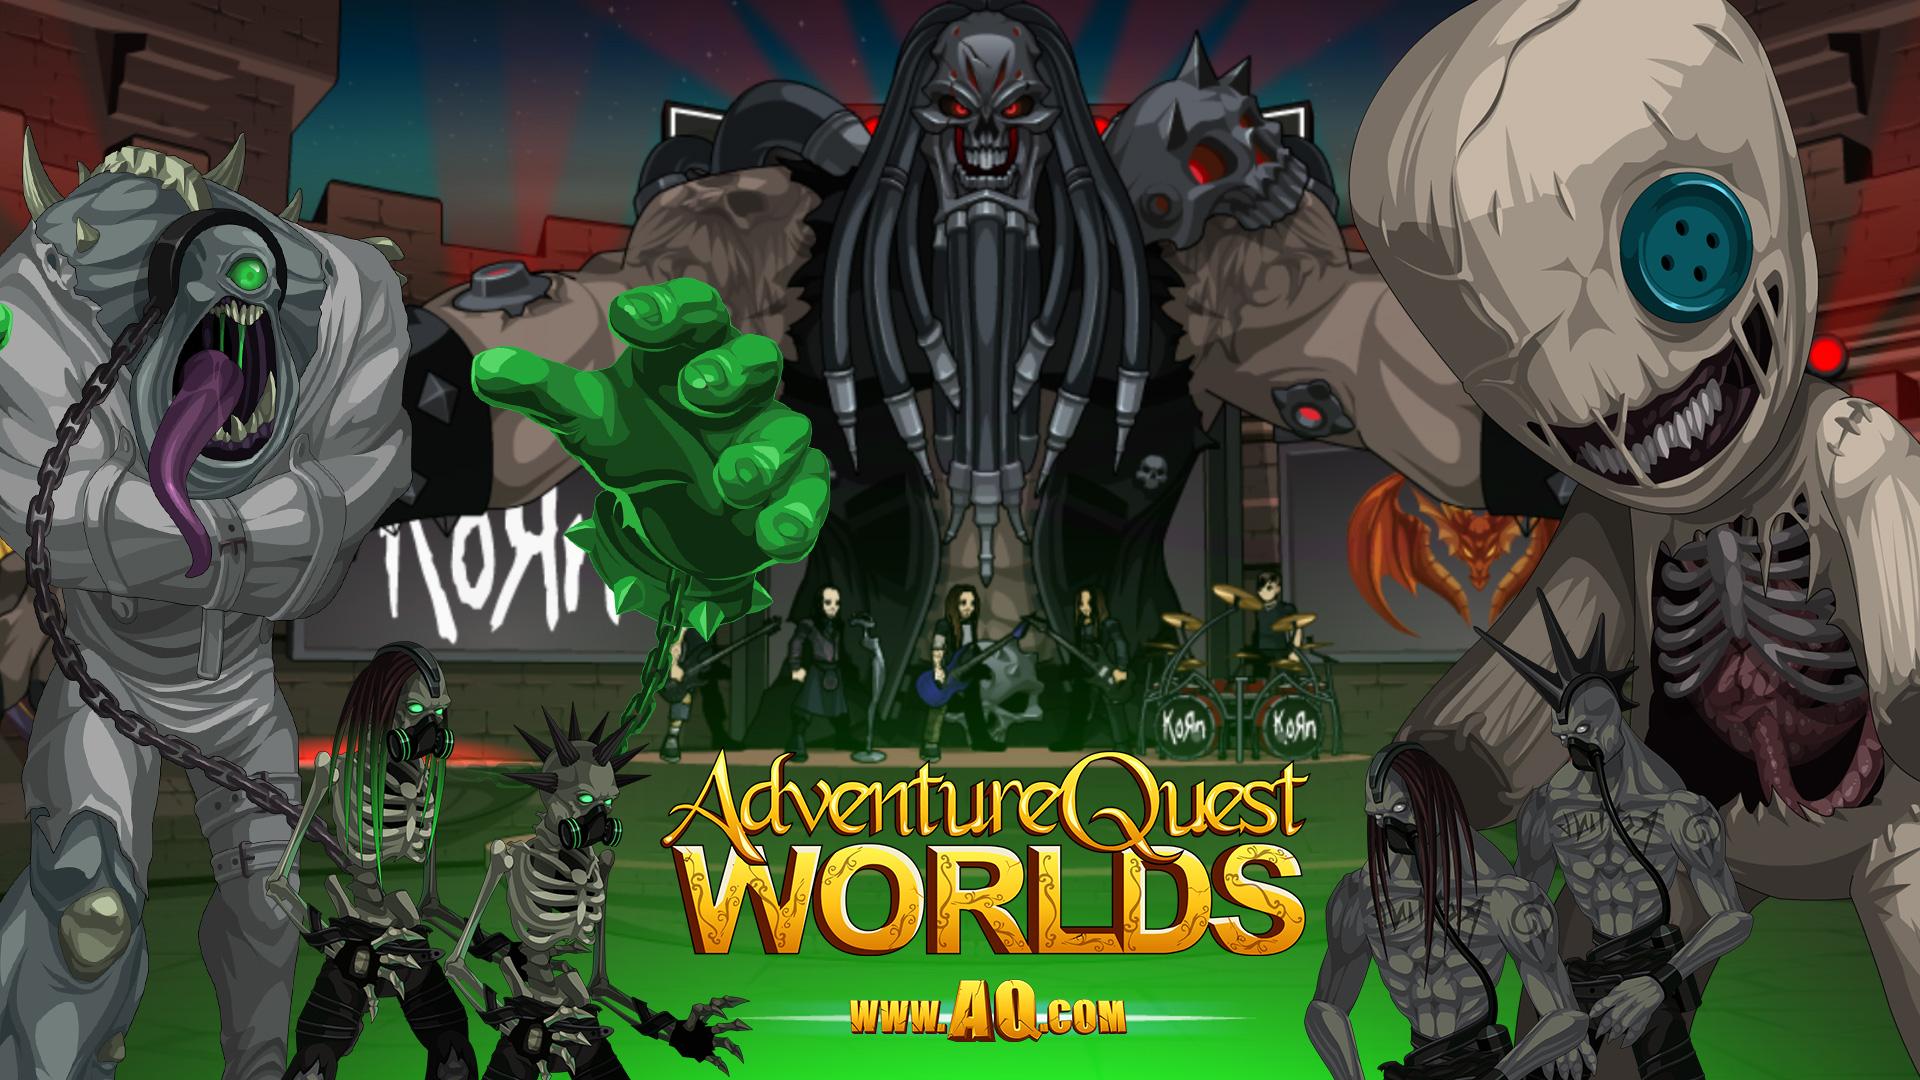 Korn Battle Concert In Adventurequest 3d